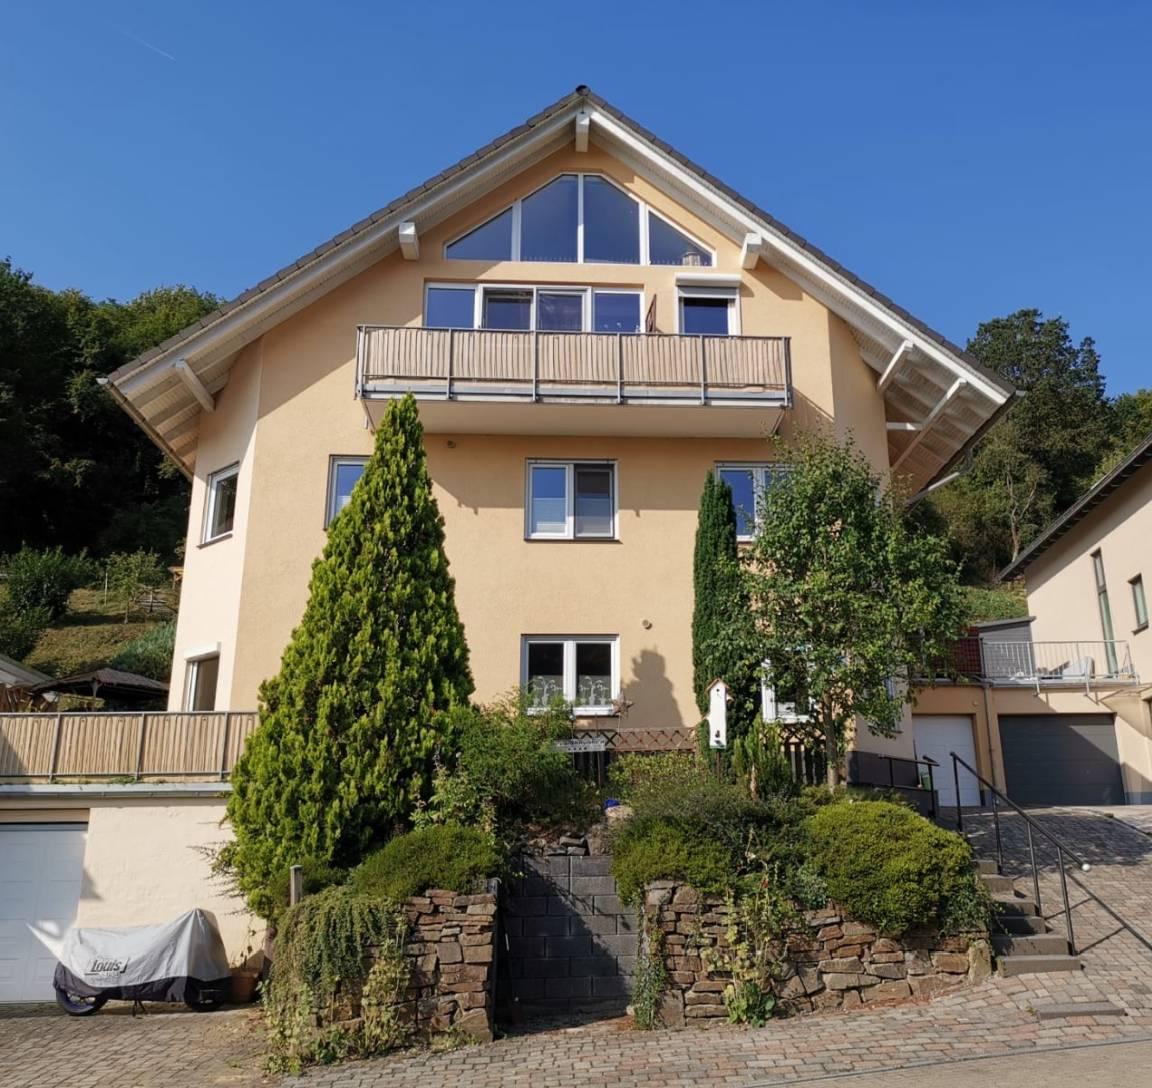 Bad Neuenahr-Ahrweiler: Ahrtal Ferienwohnungen Alexandra Weiler